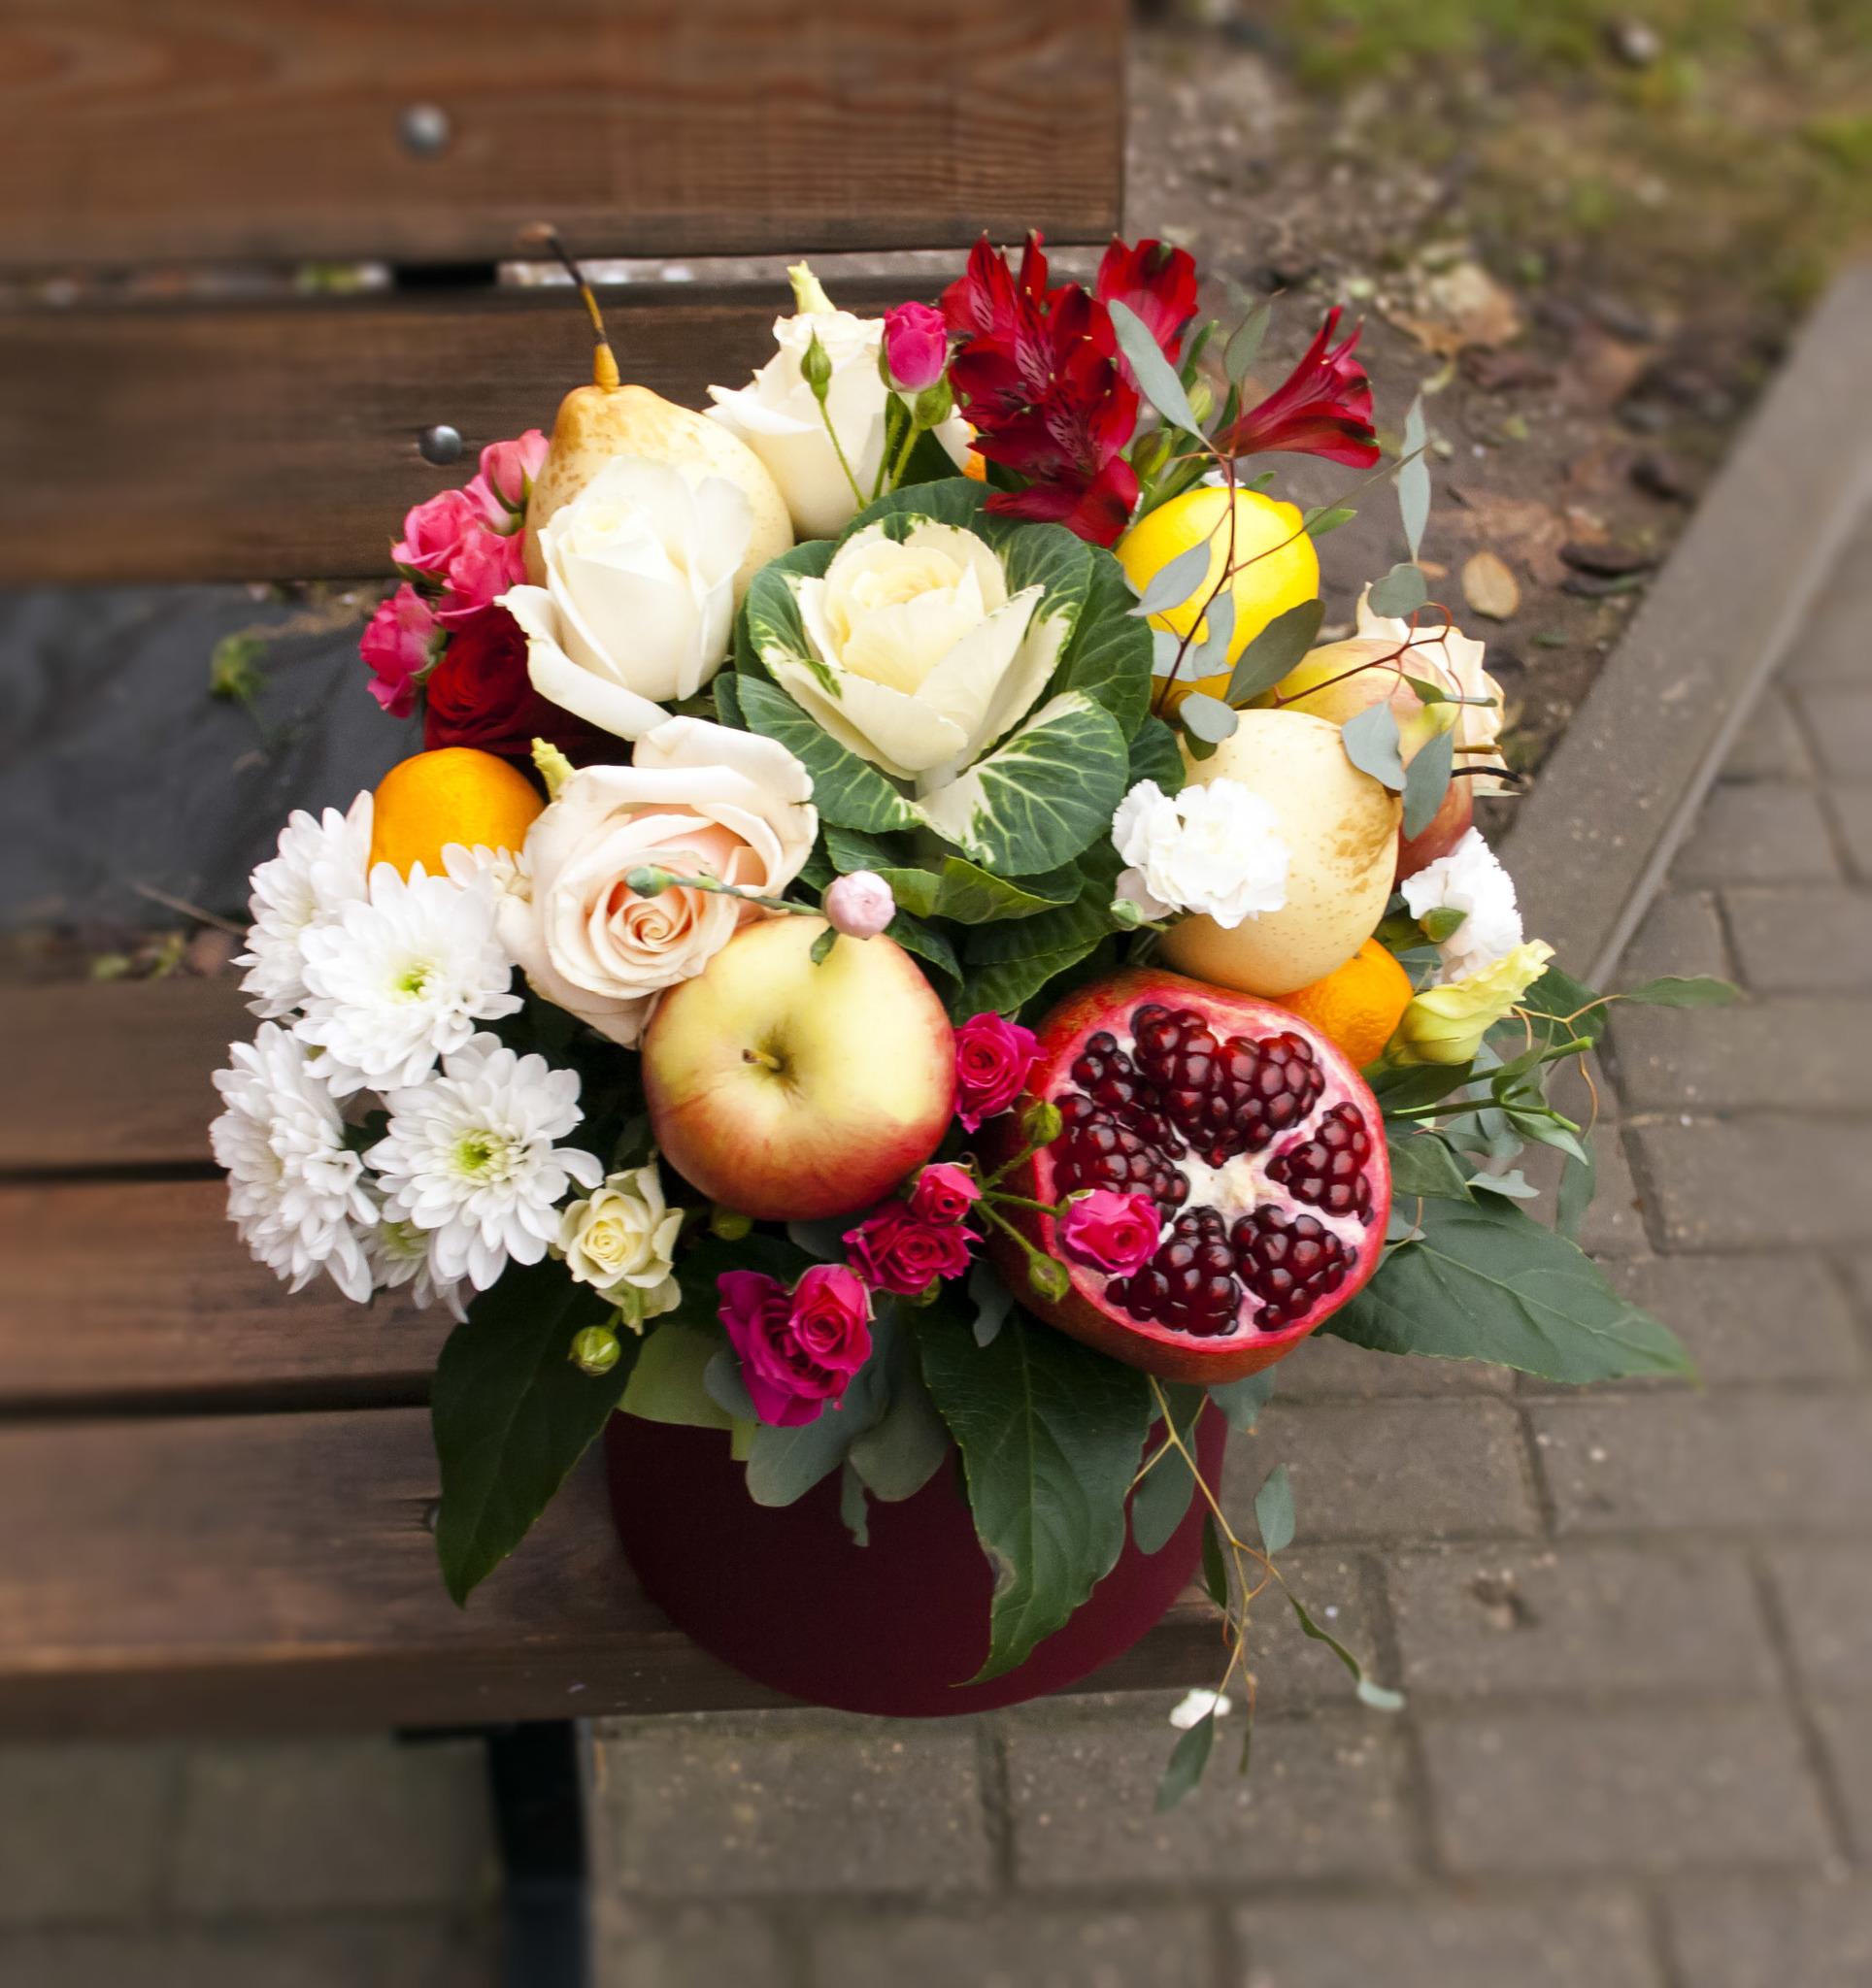 Композиции с цветами и фруктами 69